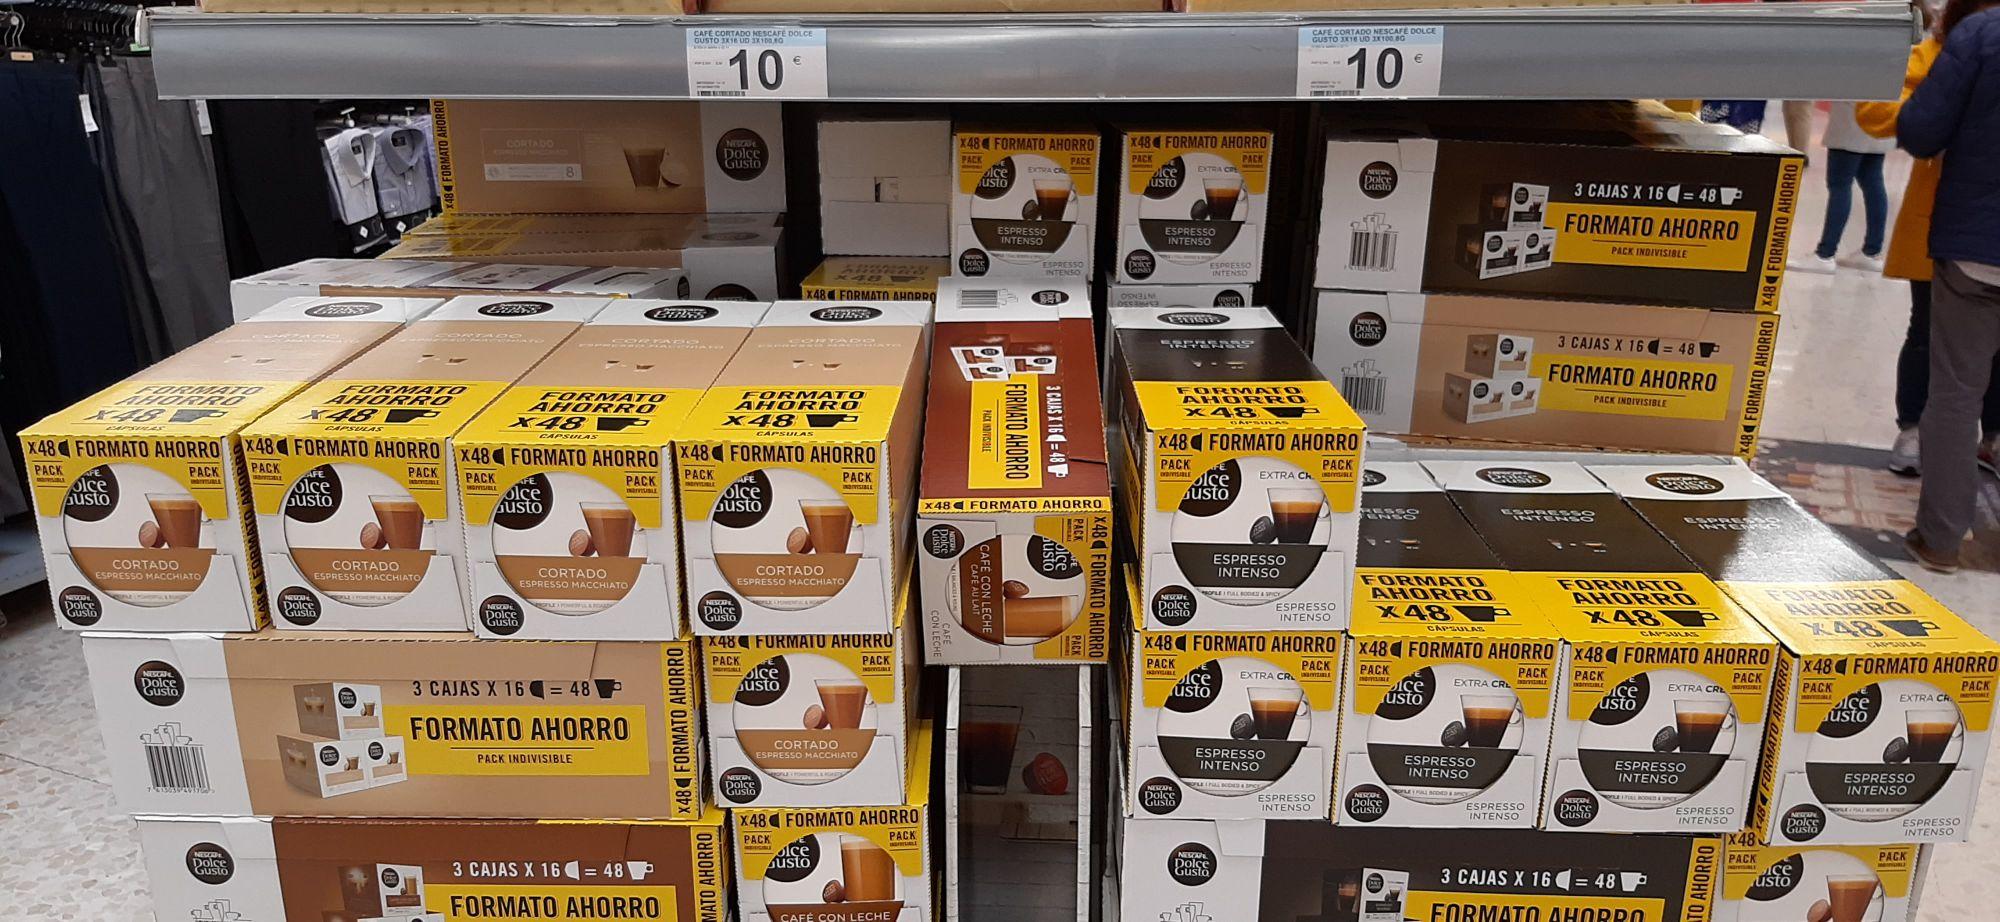 Cápsulas Dolce gusto 48 capsulas en Carrefour los patios en Málaga